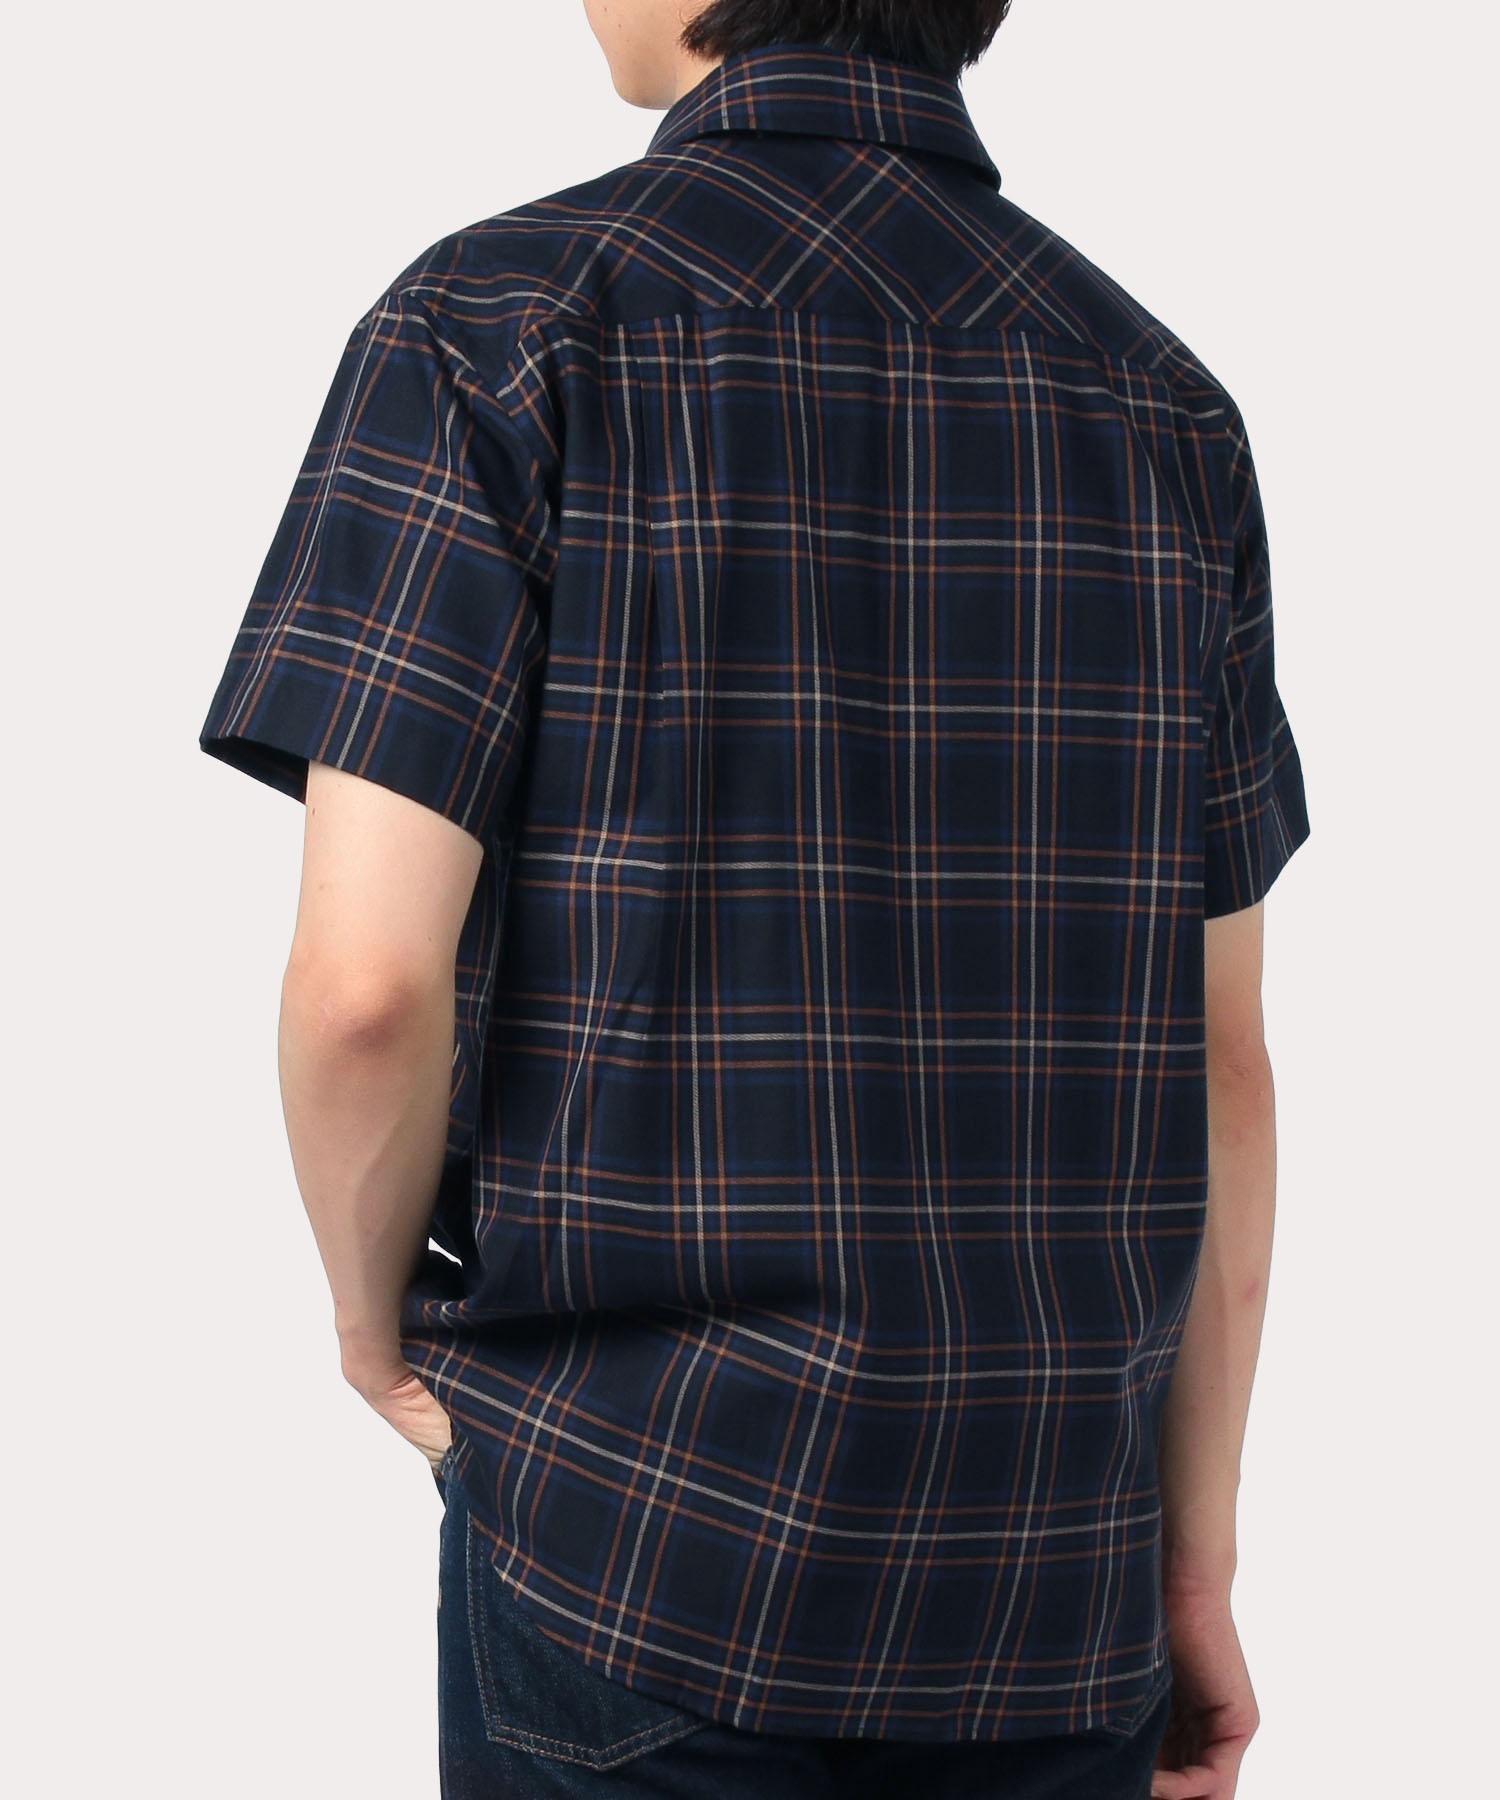 ヘイジーチェック 半袖リラックスシャツ